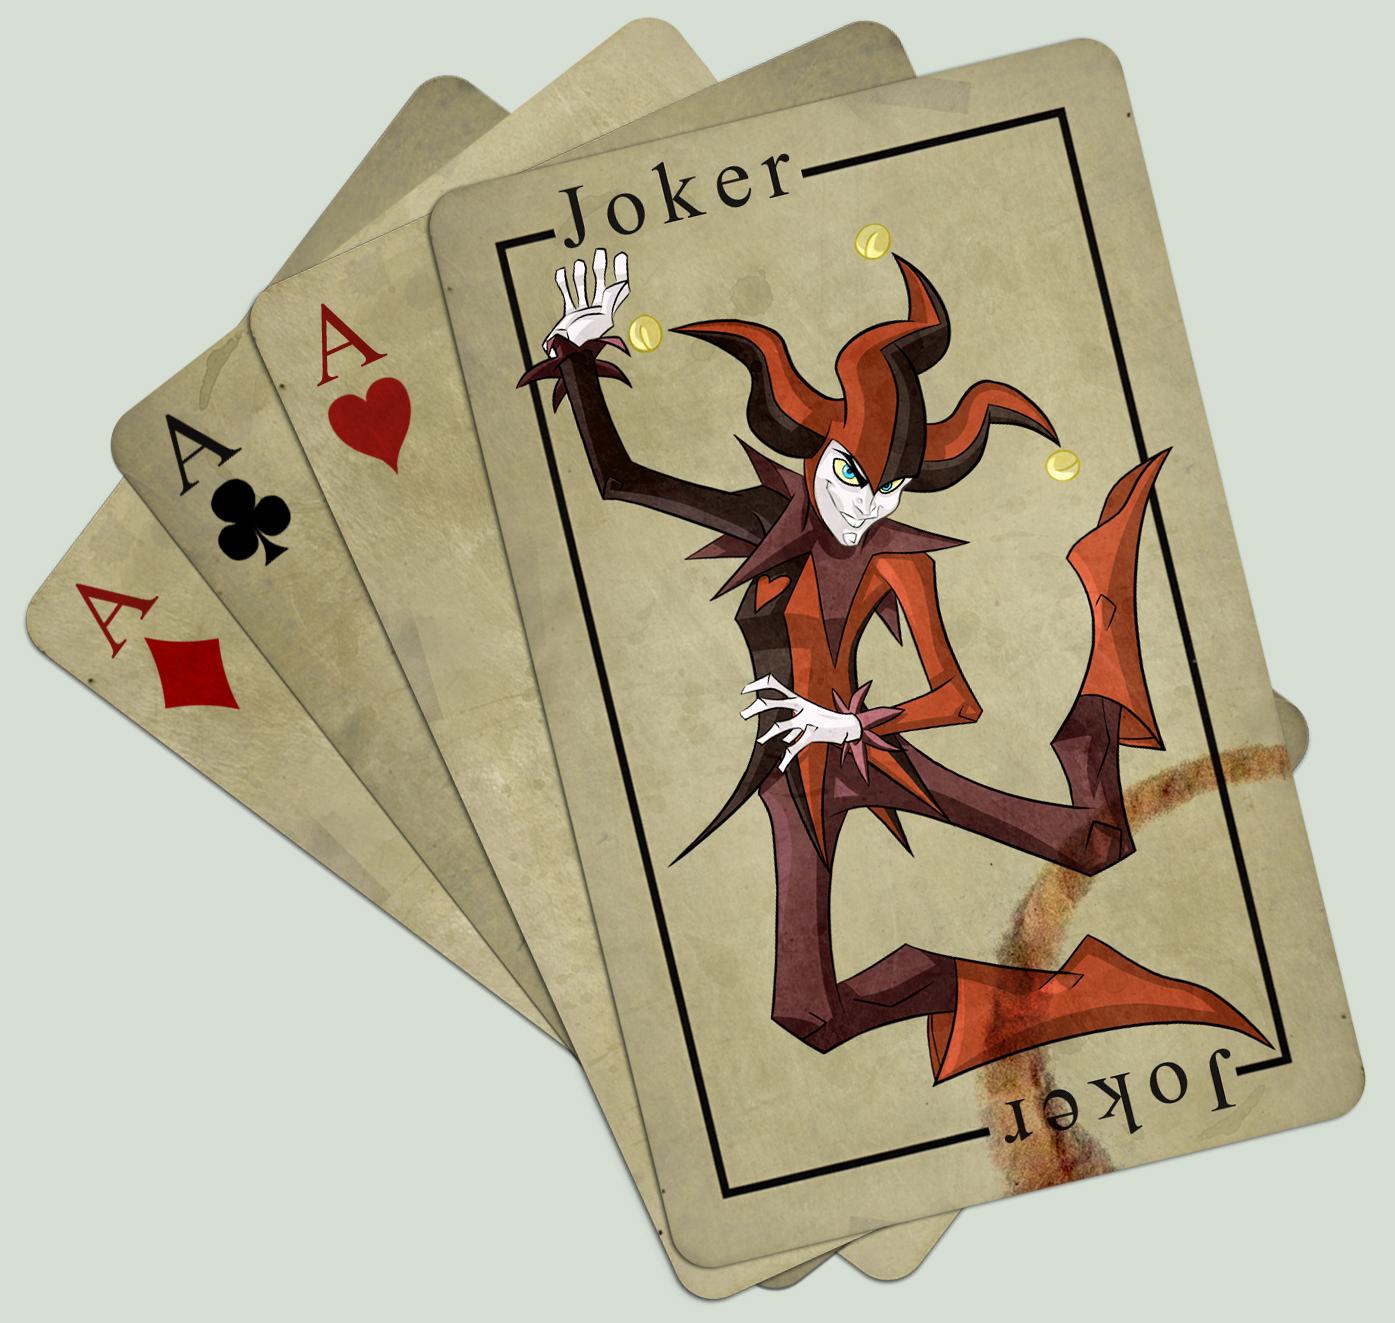 Povratak remija i pokera u virtuelnom svetu